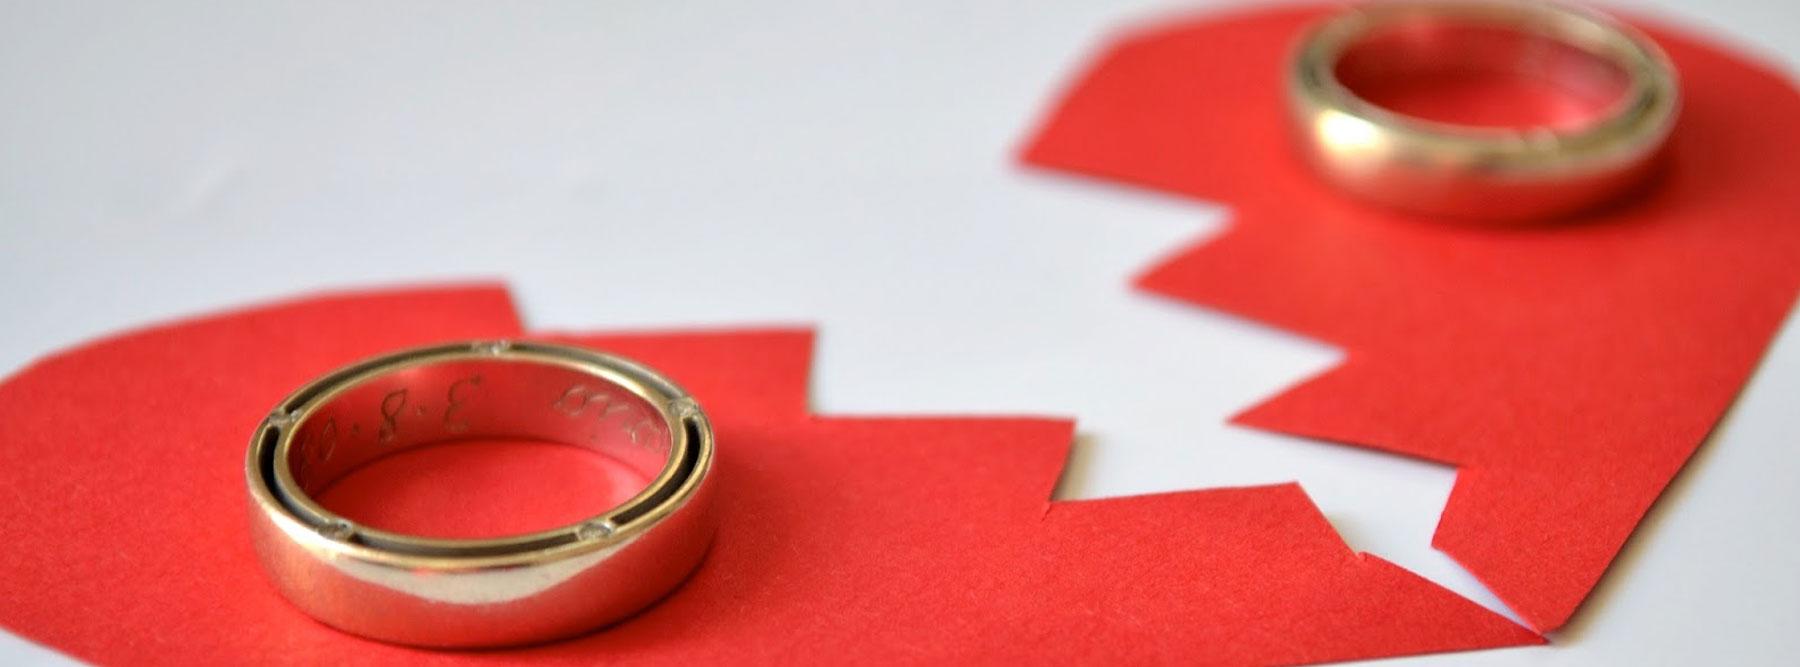 La separazione e il divorzio - Strumenti per affrontarlo